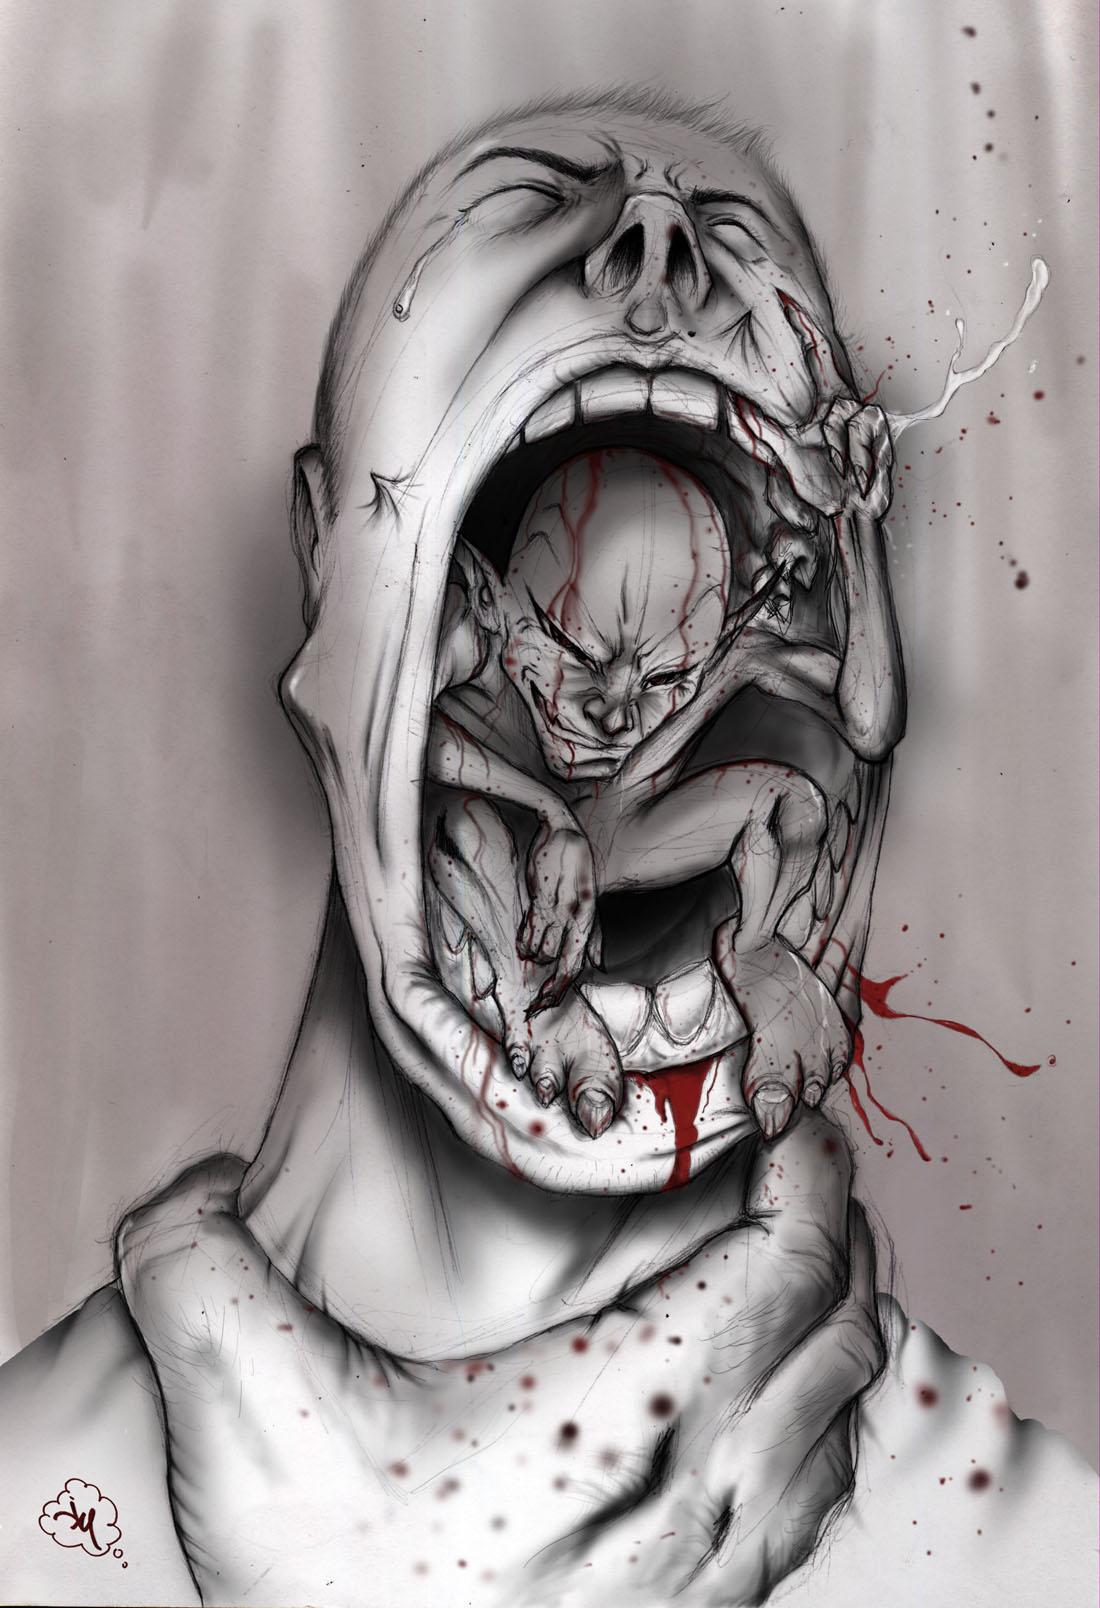 Scary drawings of demons demons drawings